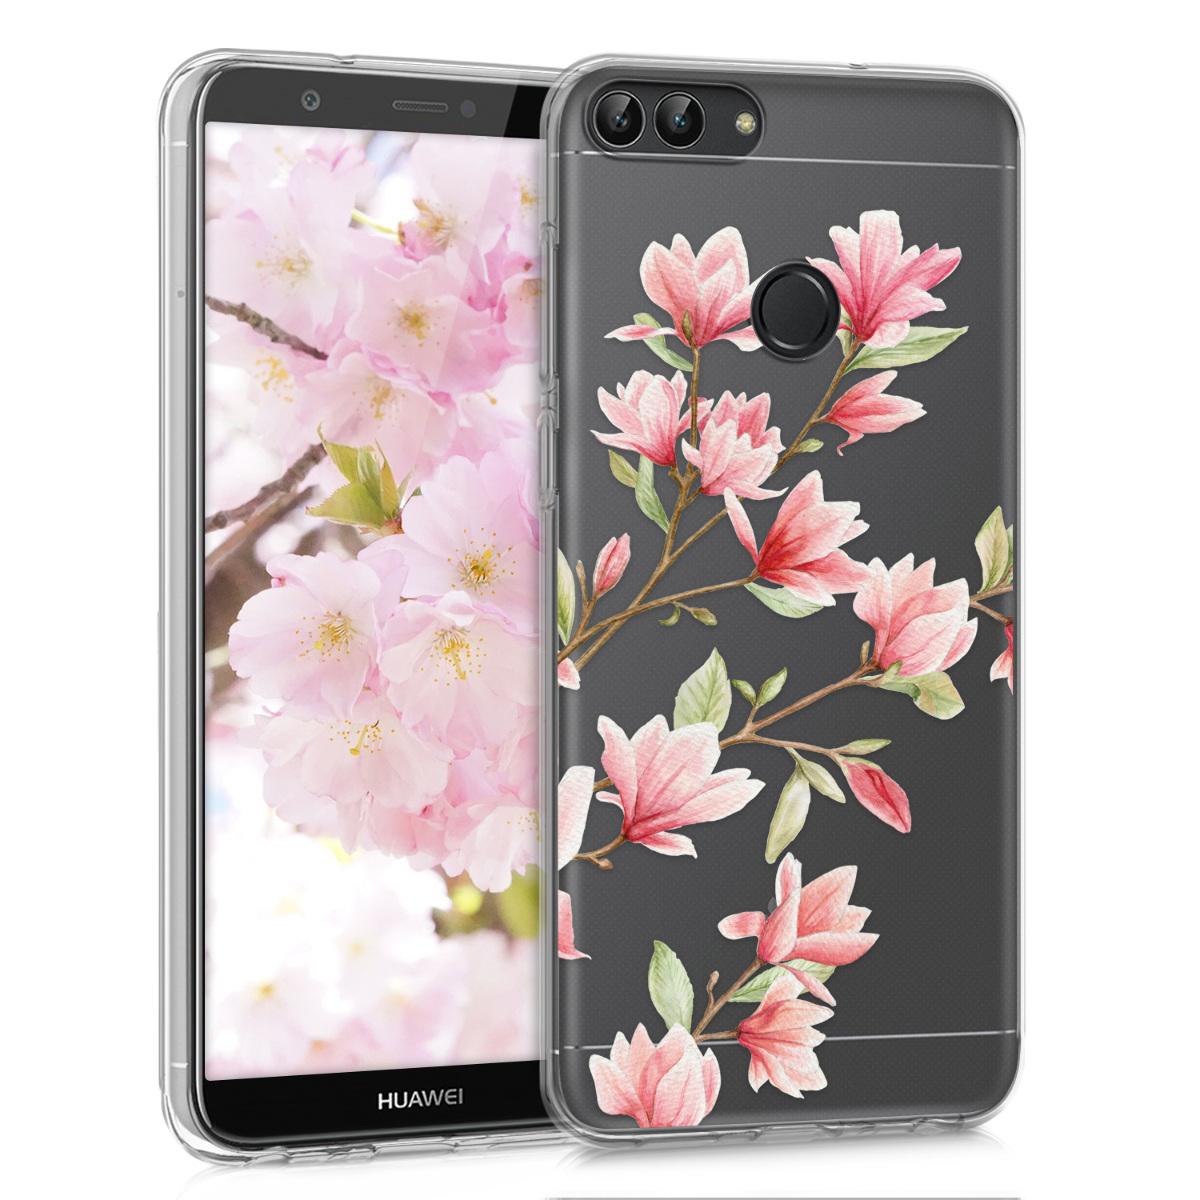 KW Θήκη Σιλικόνης Huawei P Smart 2018 - Magnolias Pink / White (44125.12)